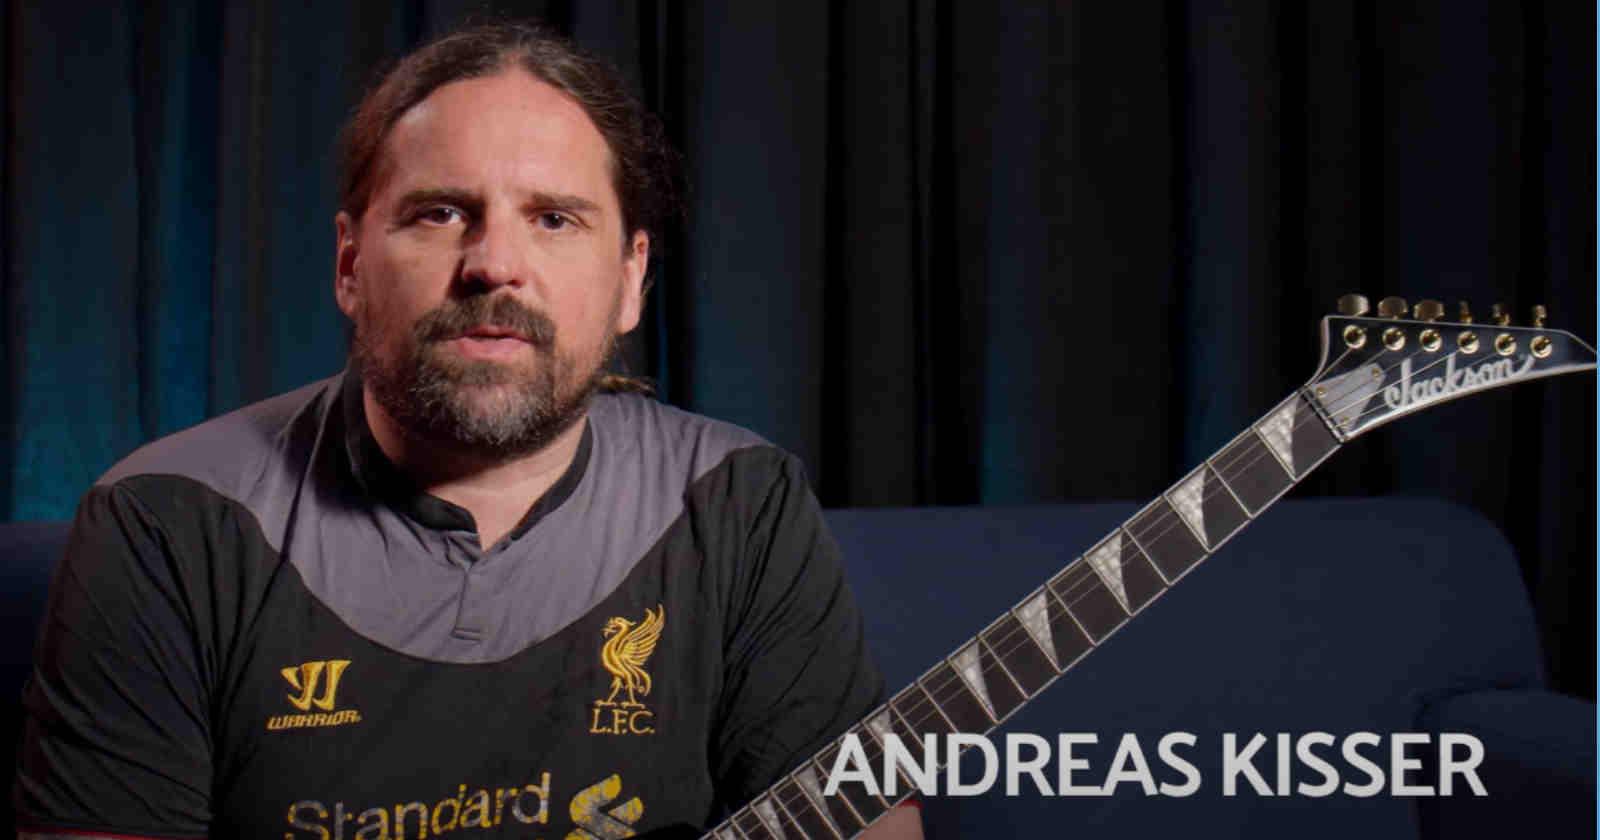 Andreas Kisser